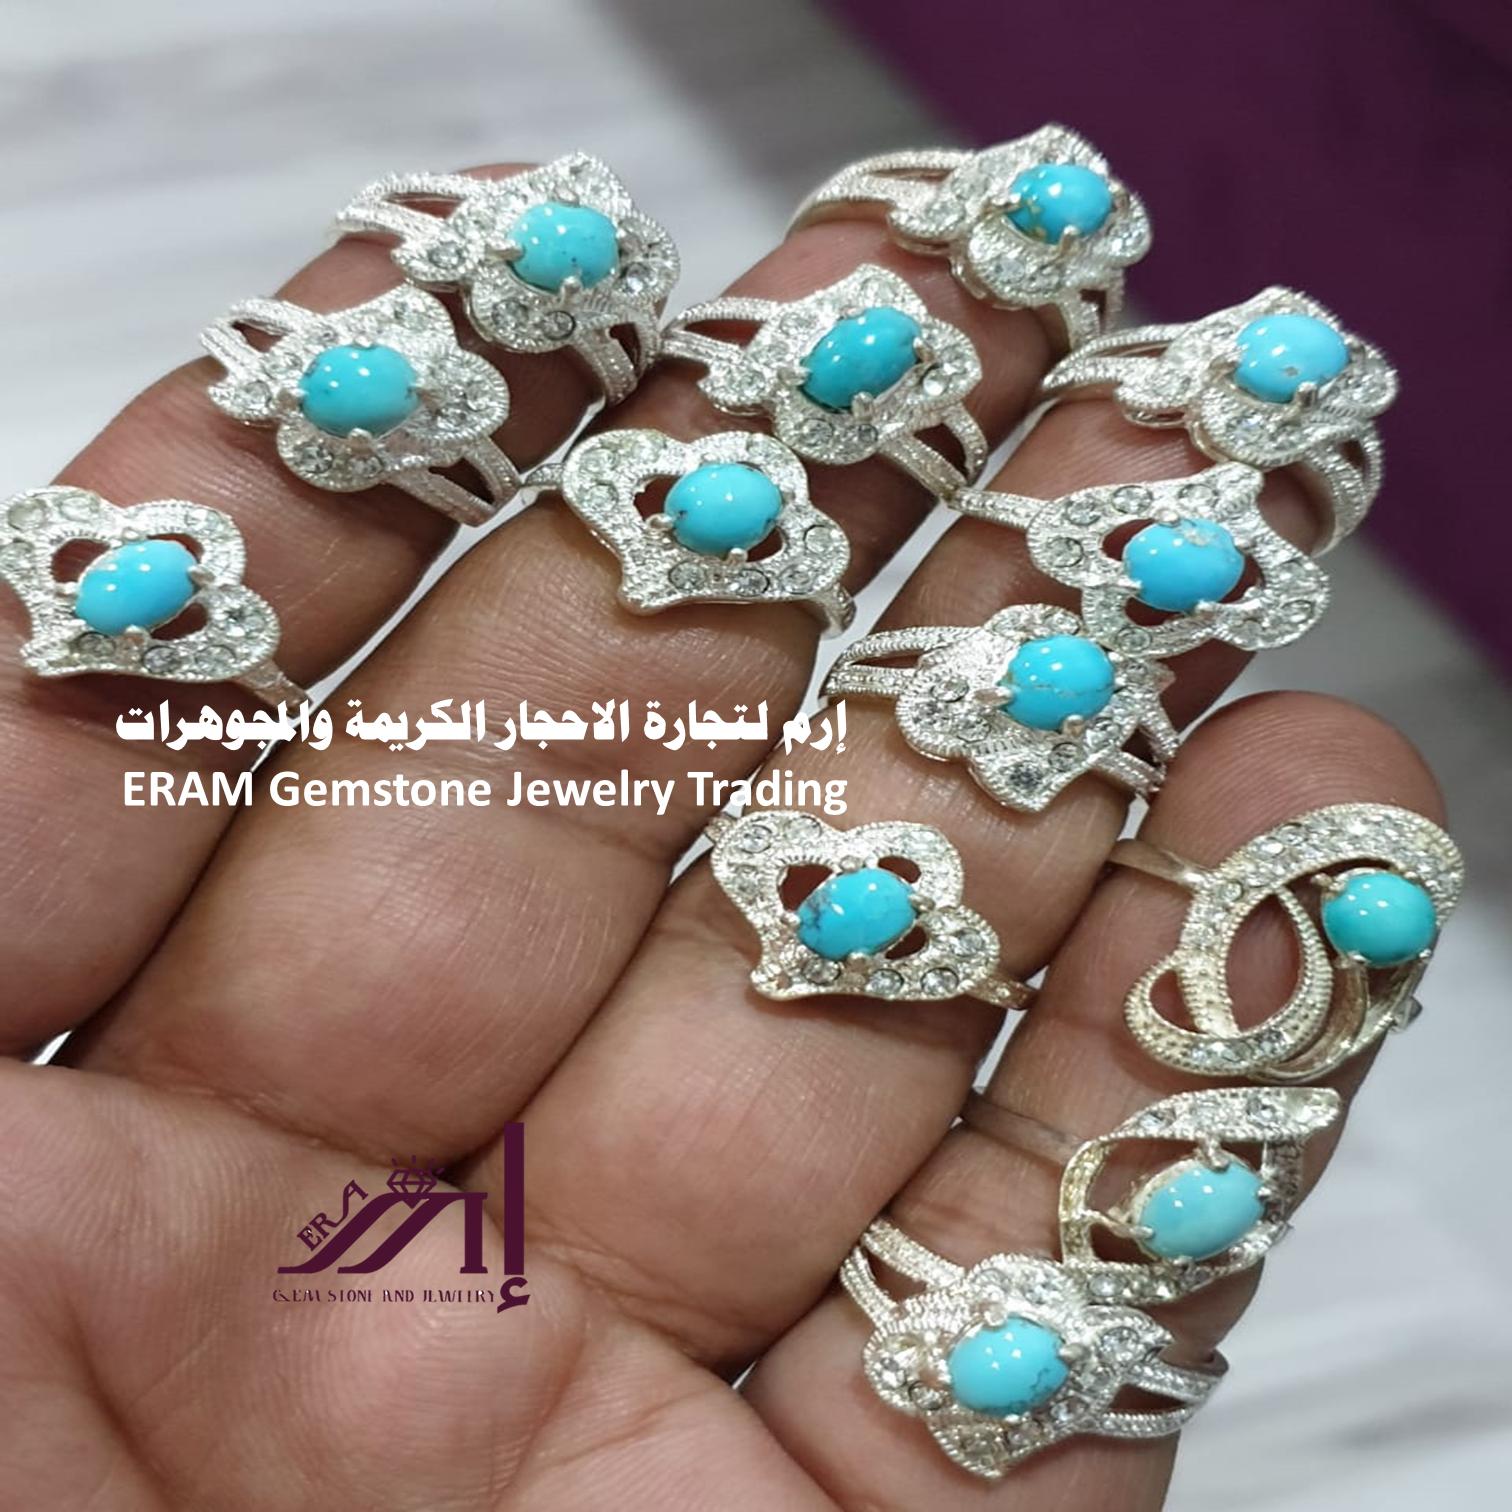 تألقي طيلة اليوم خاتم نسائي ناعم فيروز نيشابوري طبيعي 100 Turquoise مرصع زركون للعرض Pandora Charm Bracelet Pandora Charms Jewelry